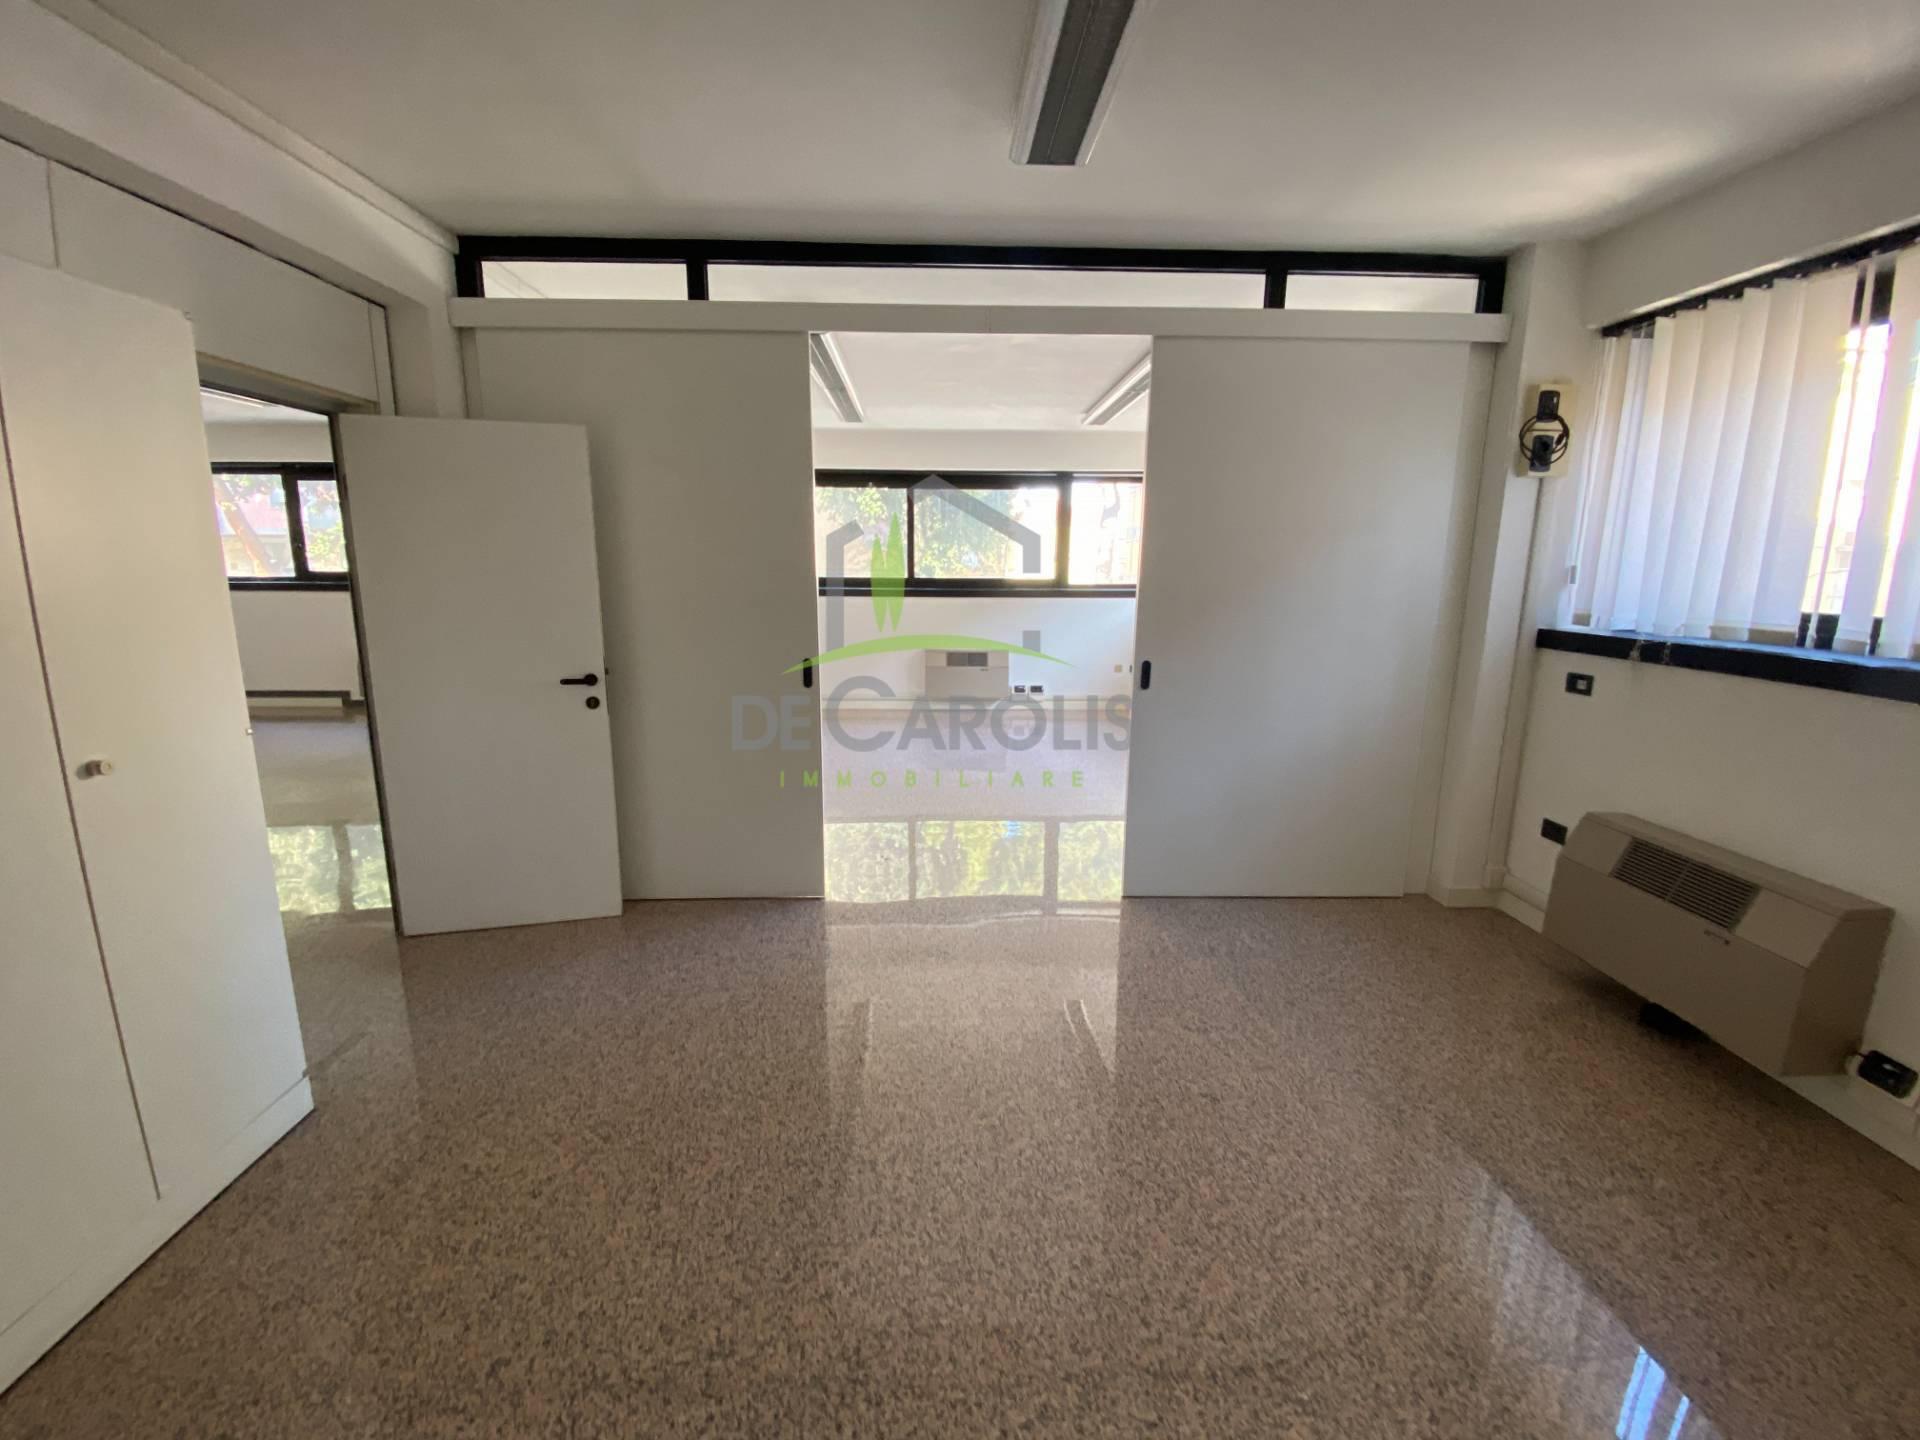 Ufficio in affitto a Ascoli Piceno (AP)